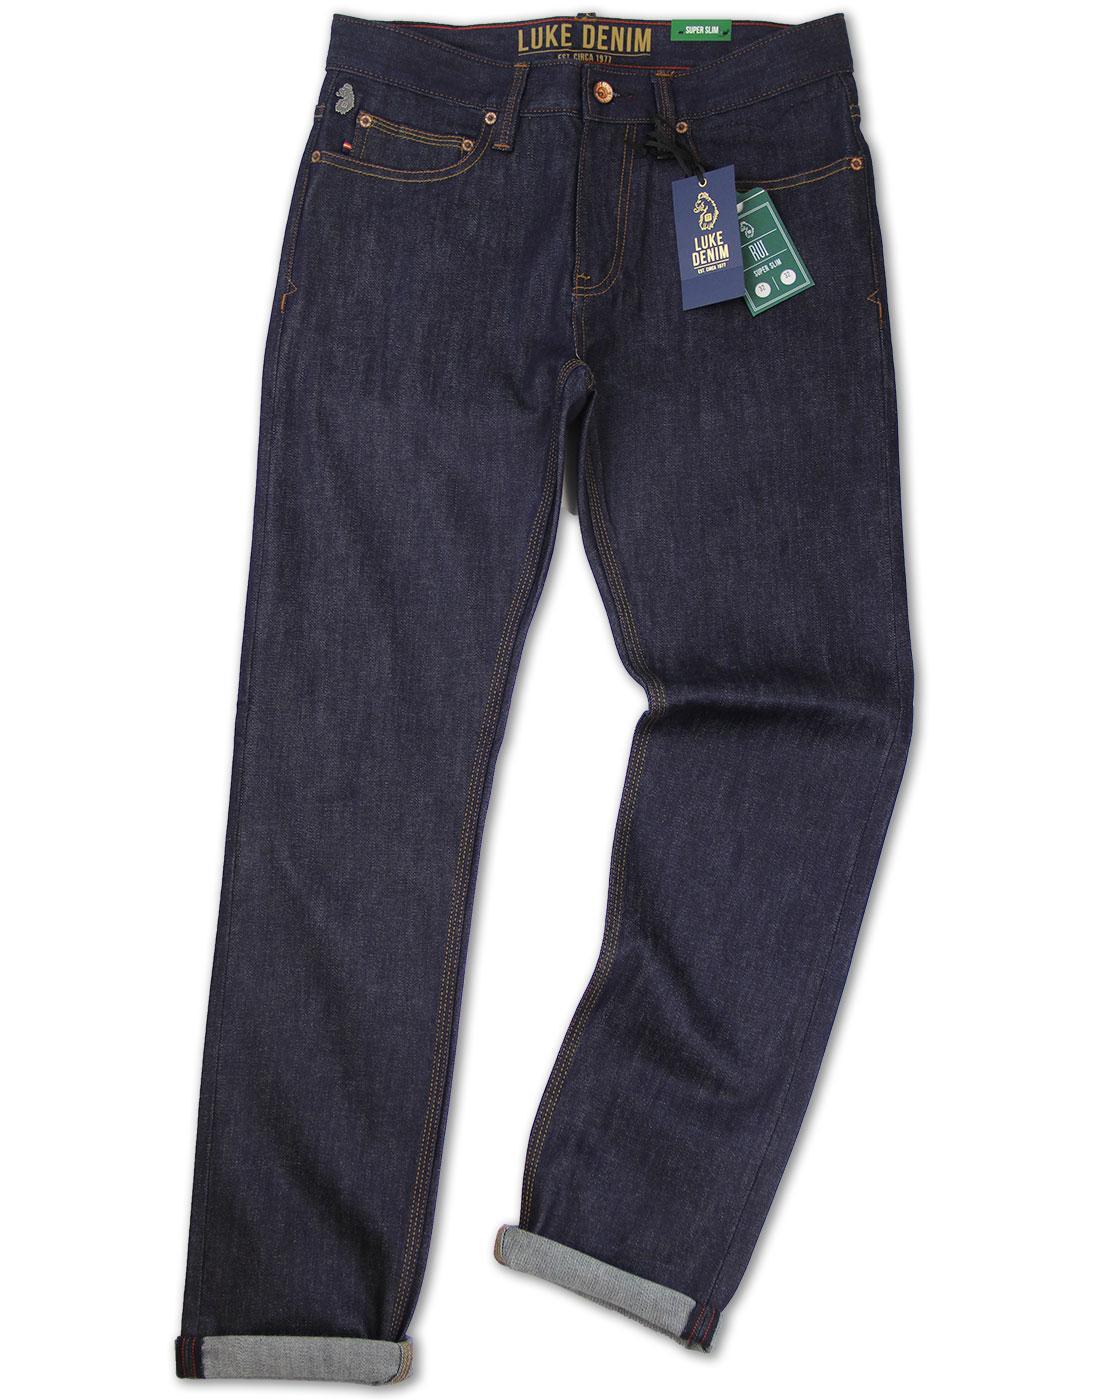 Rui LUKE DENIM Retro Raw Stretch Skinny Jeans